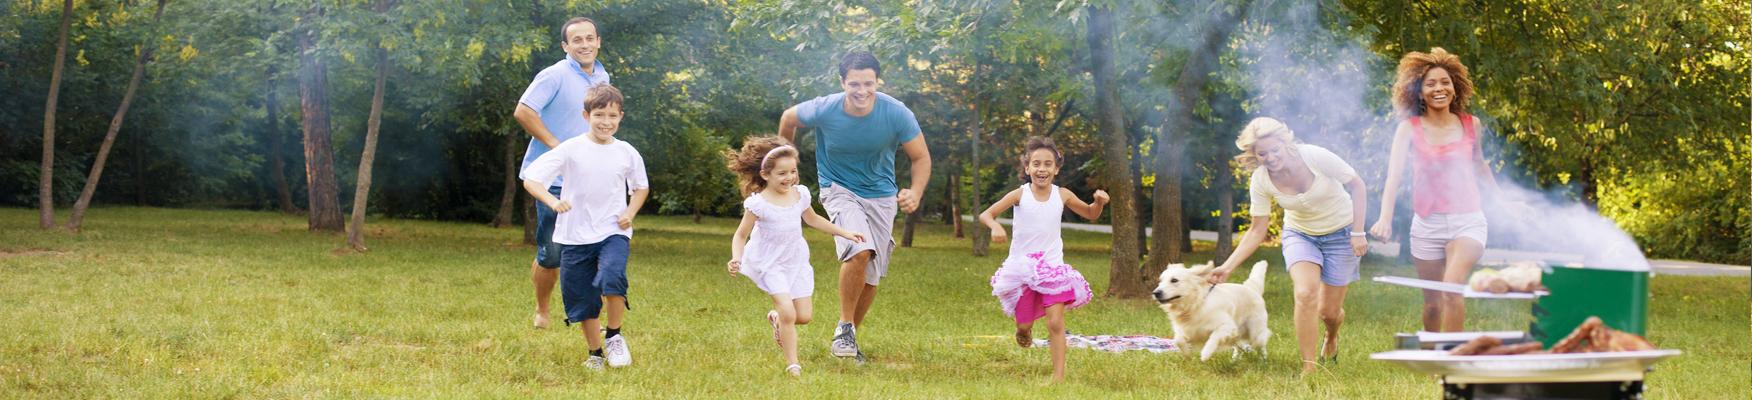 Vakantie vieren met het gezin bij Familiecamping De Kleine Wielen